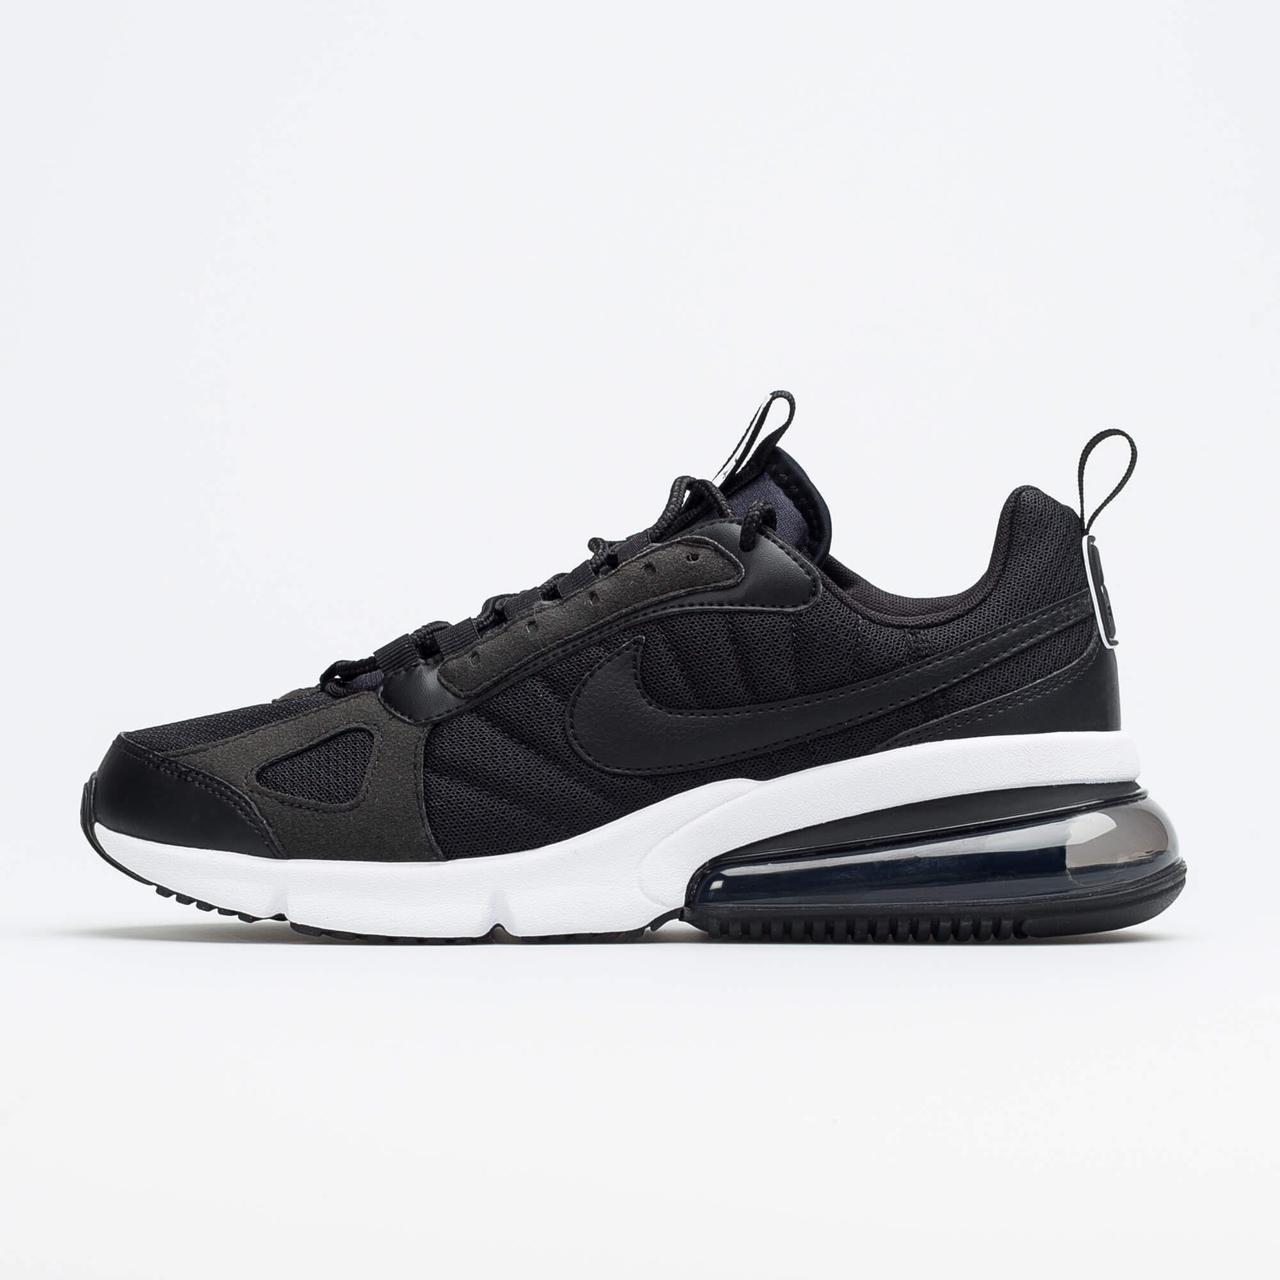 88f24b7b Оригинальные мужские кроссовки Nike Air Max 270 Futura: продажа ...